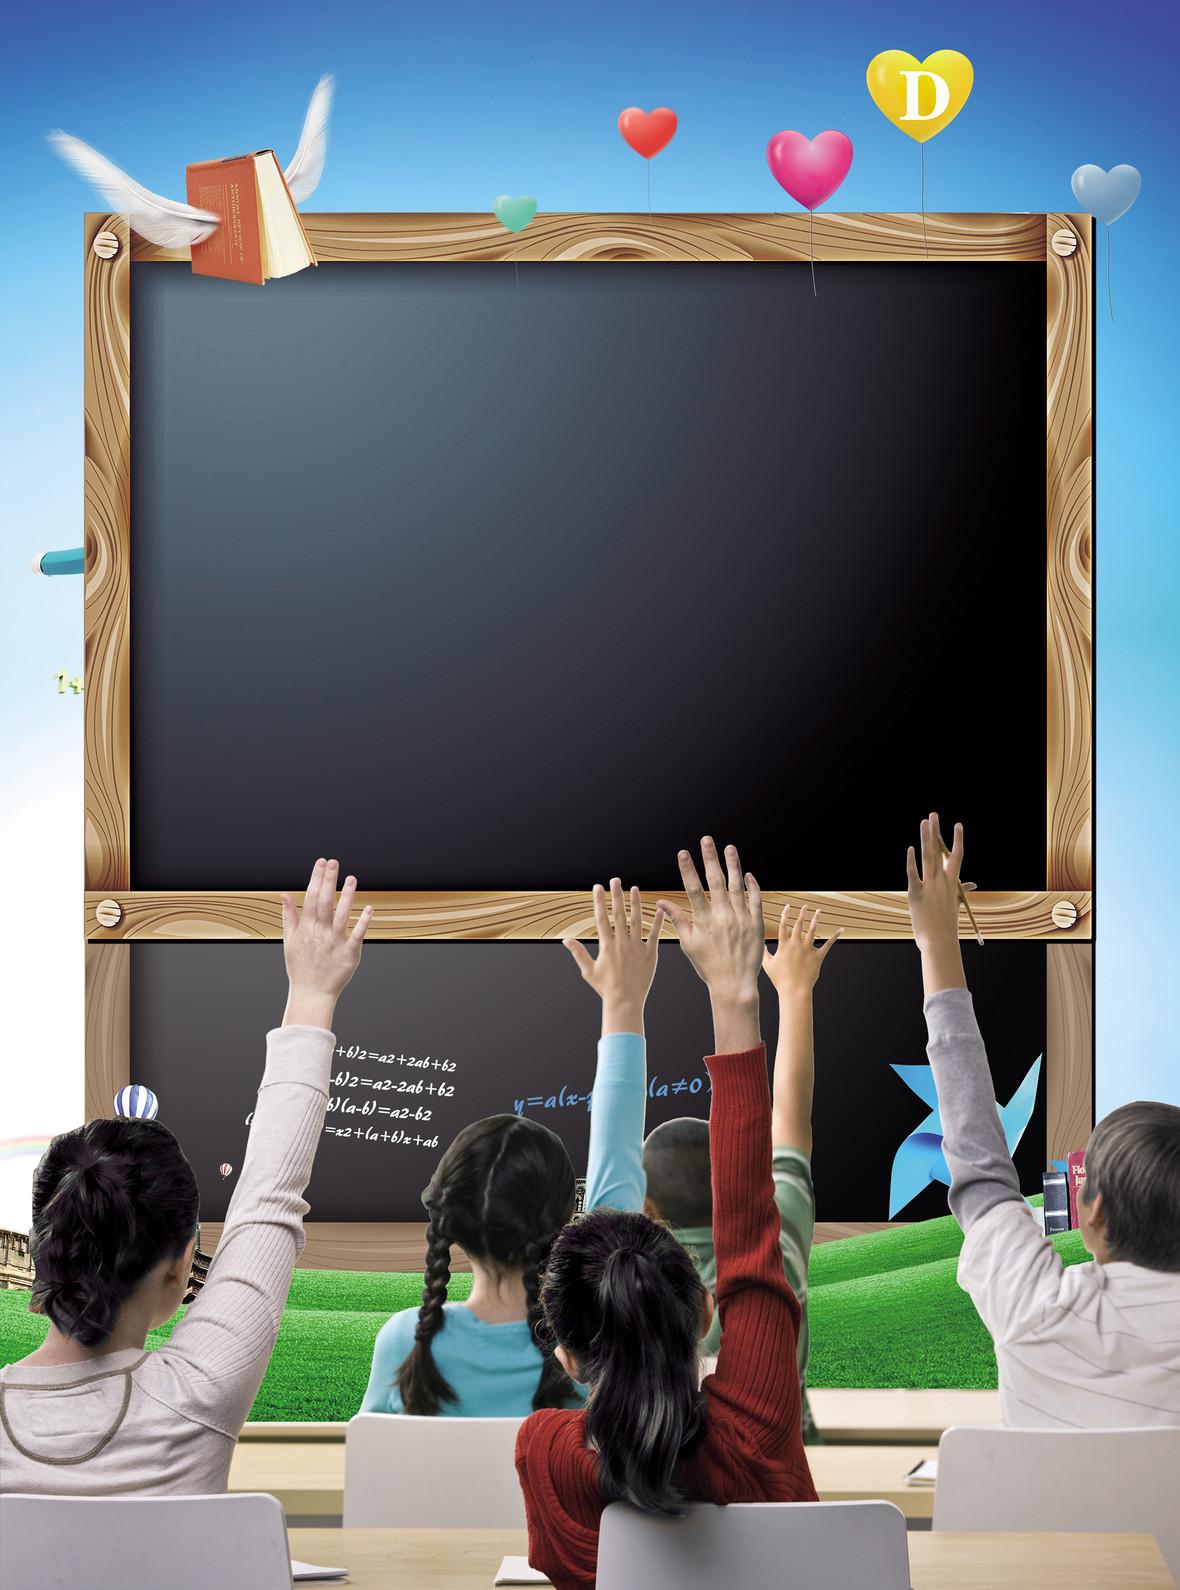 学生课堂黑板背景素材